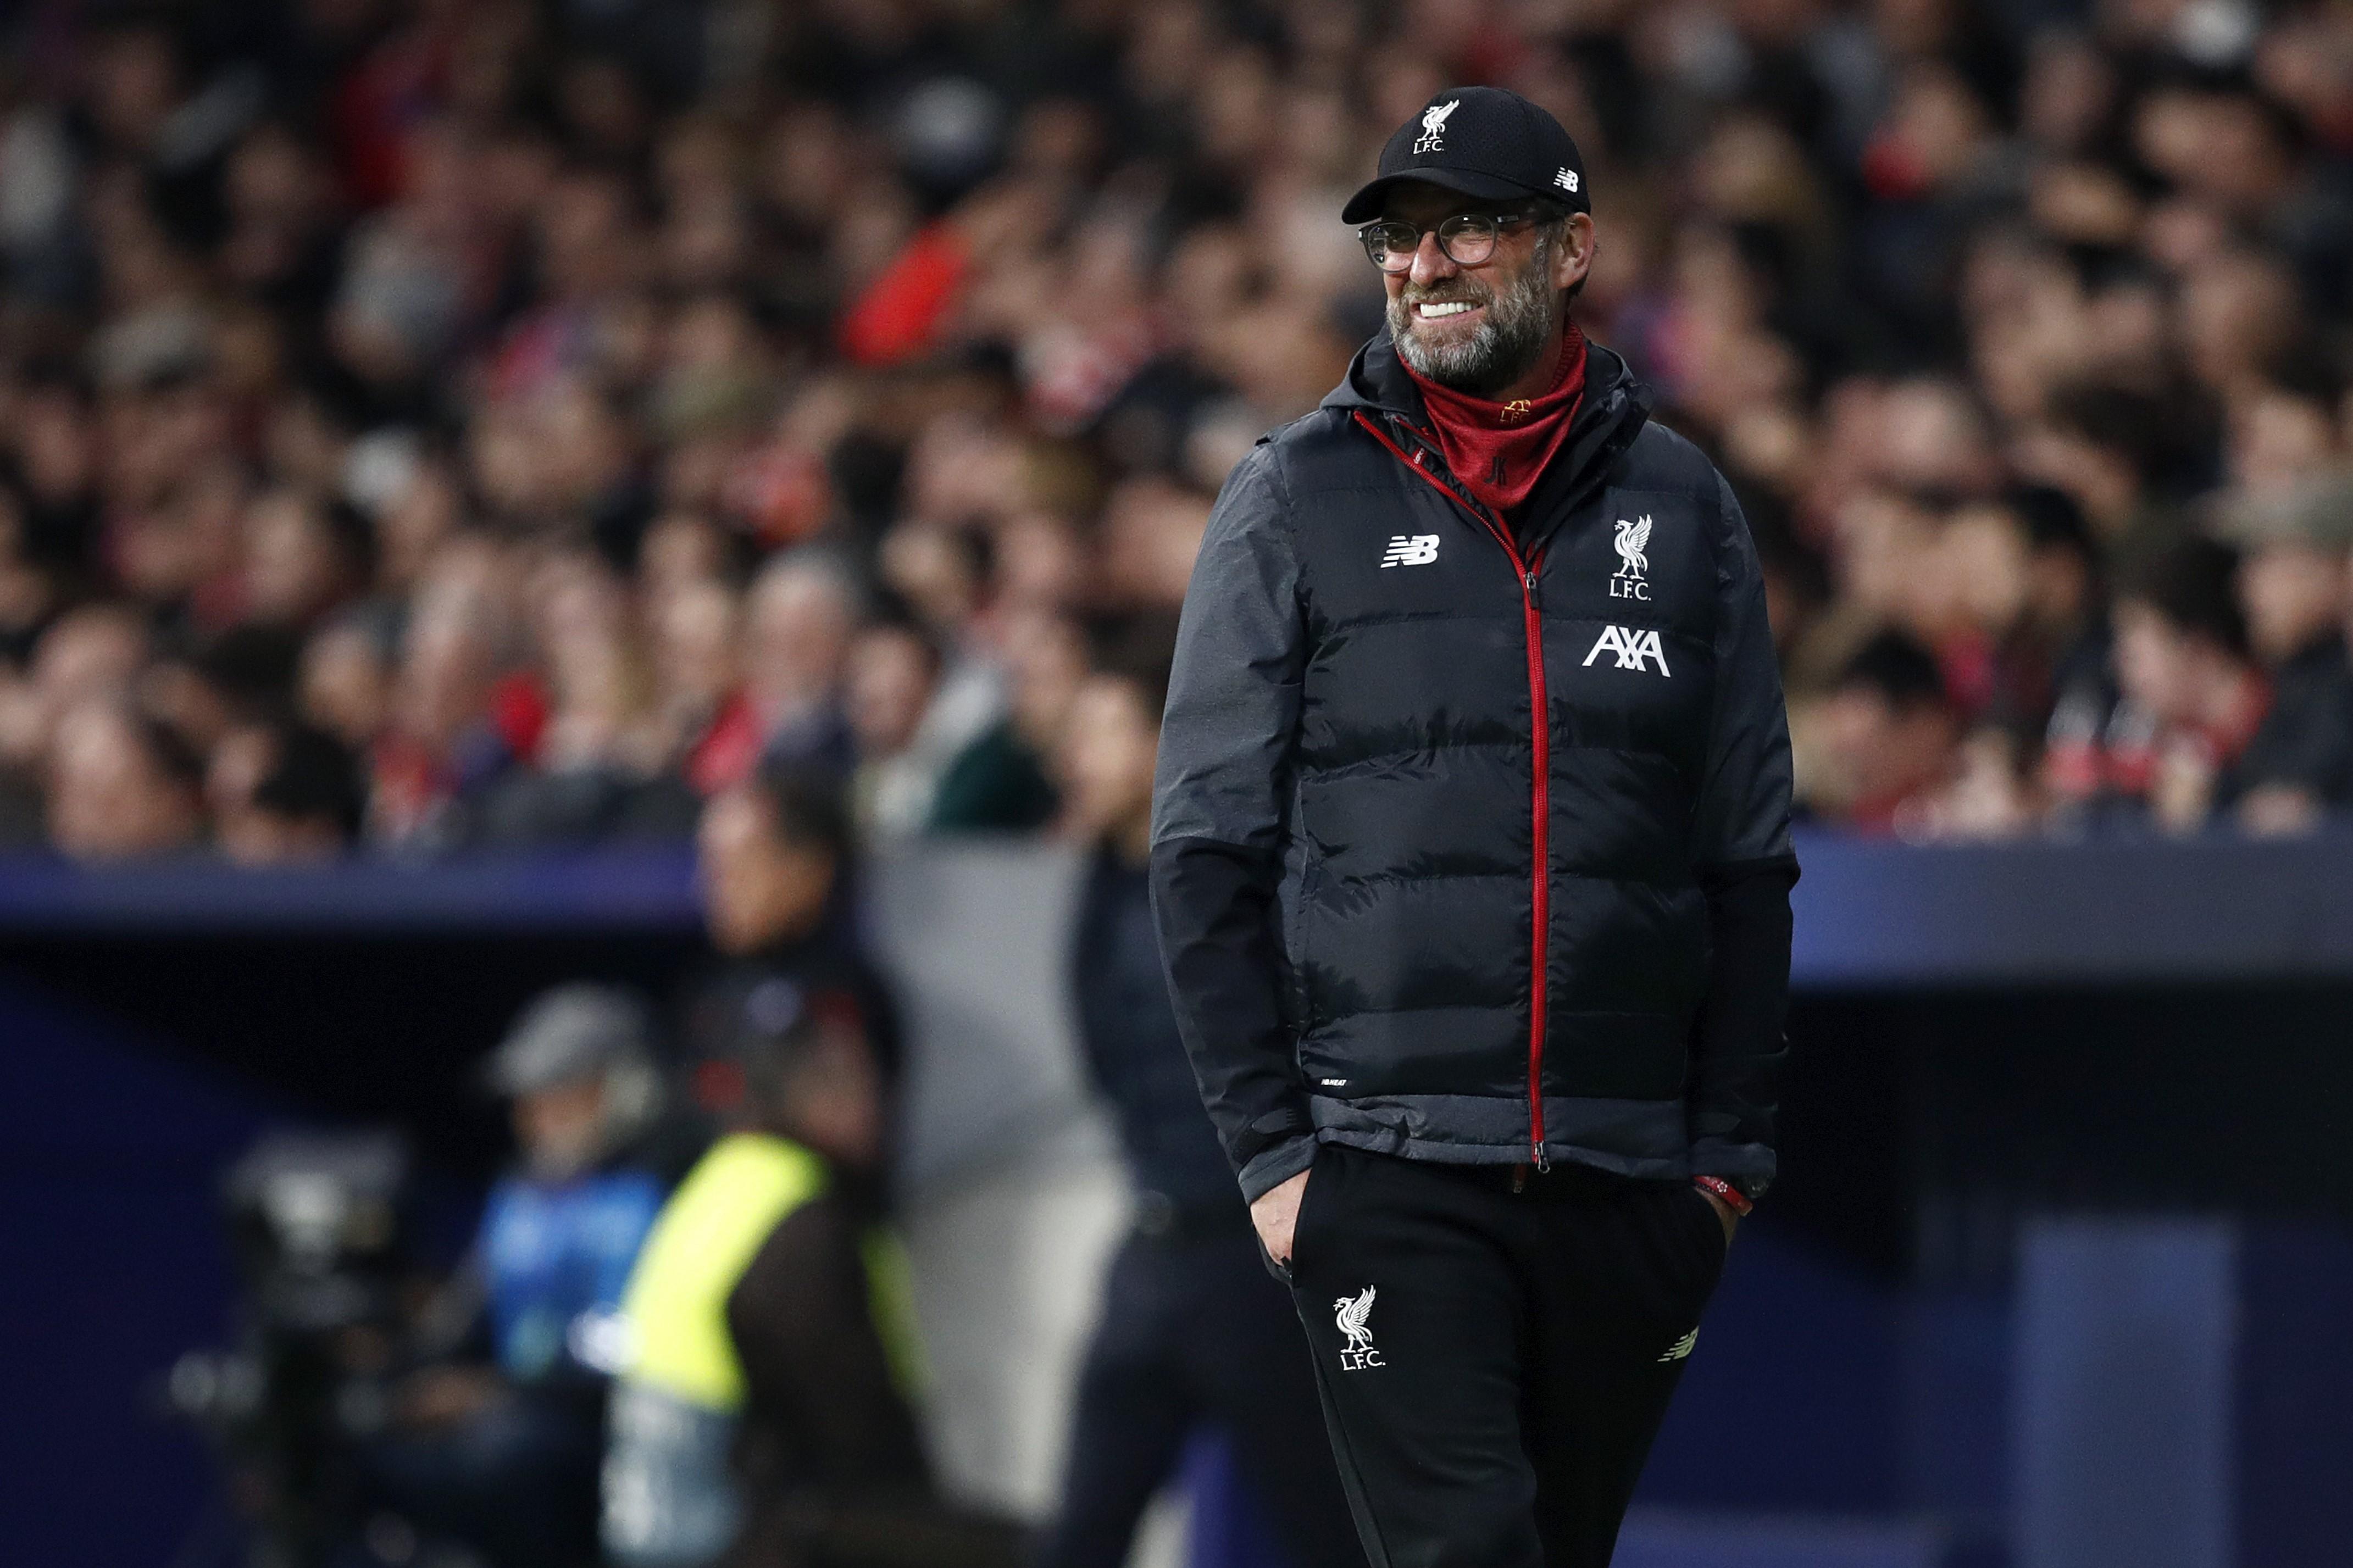 Jurgen Klopp lors de Atletico Madrid - Liverpool en Ligue des champions le 18 février 2020